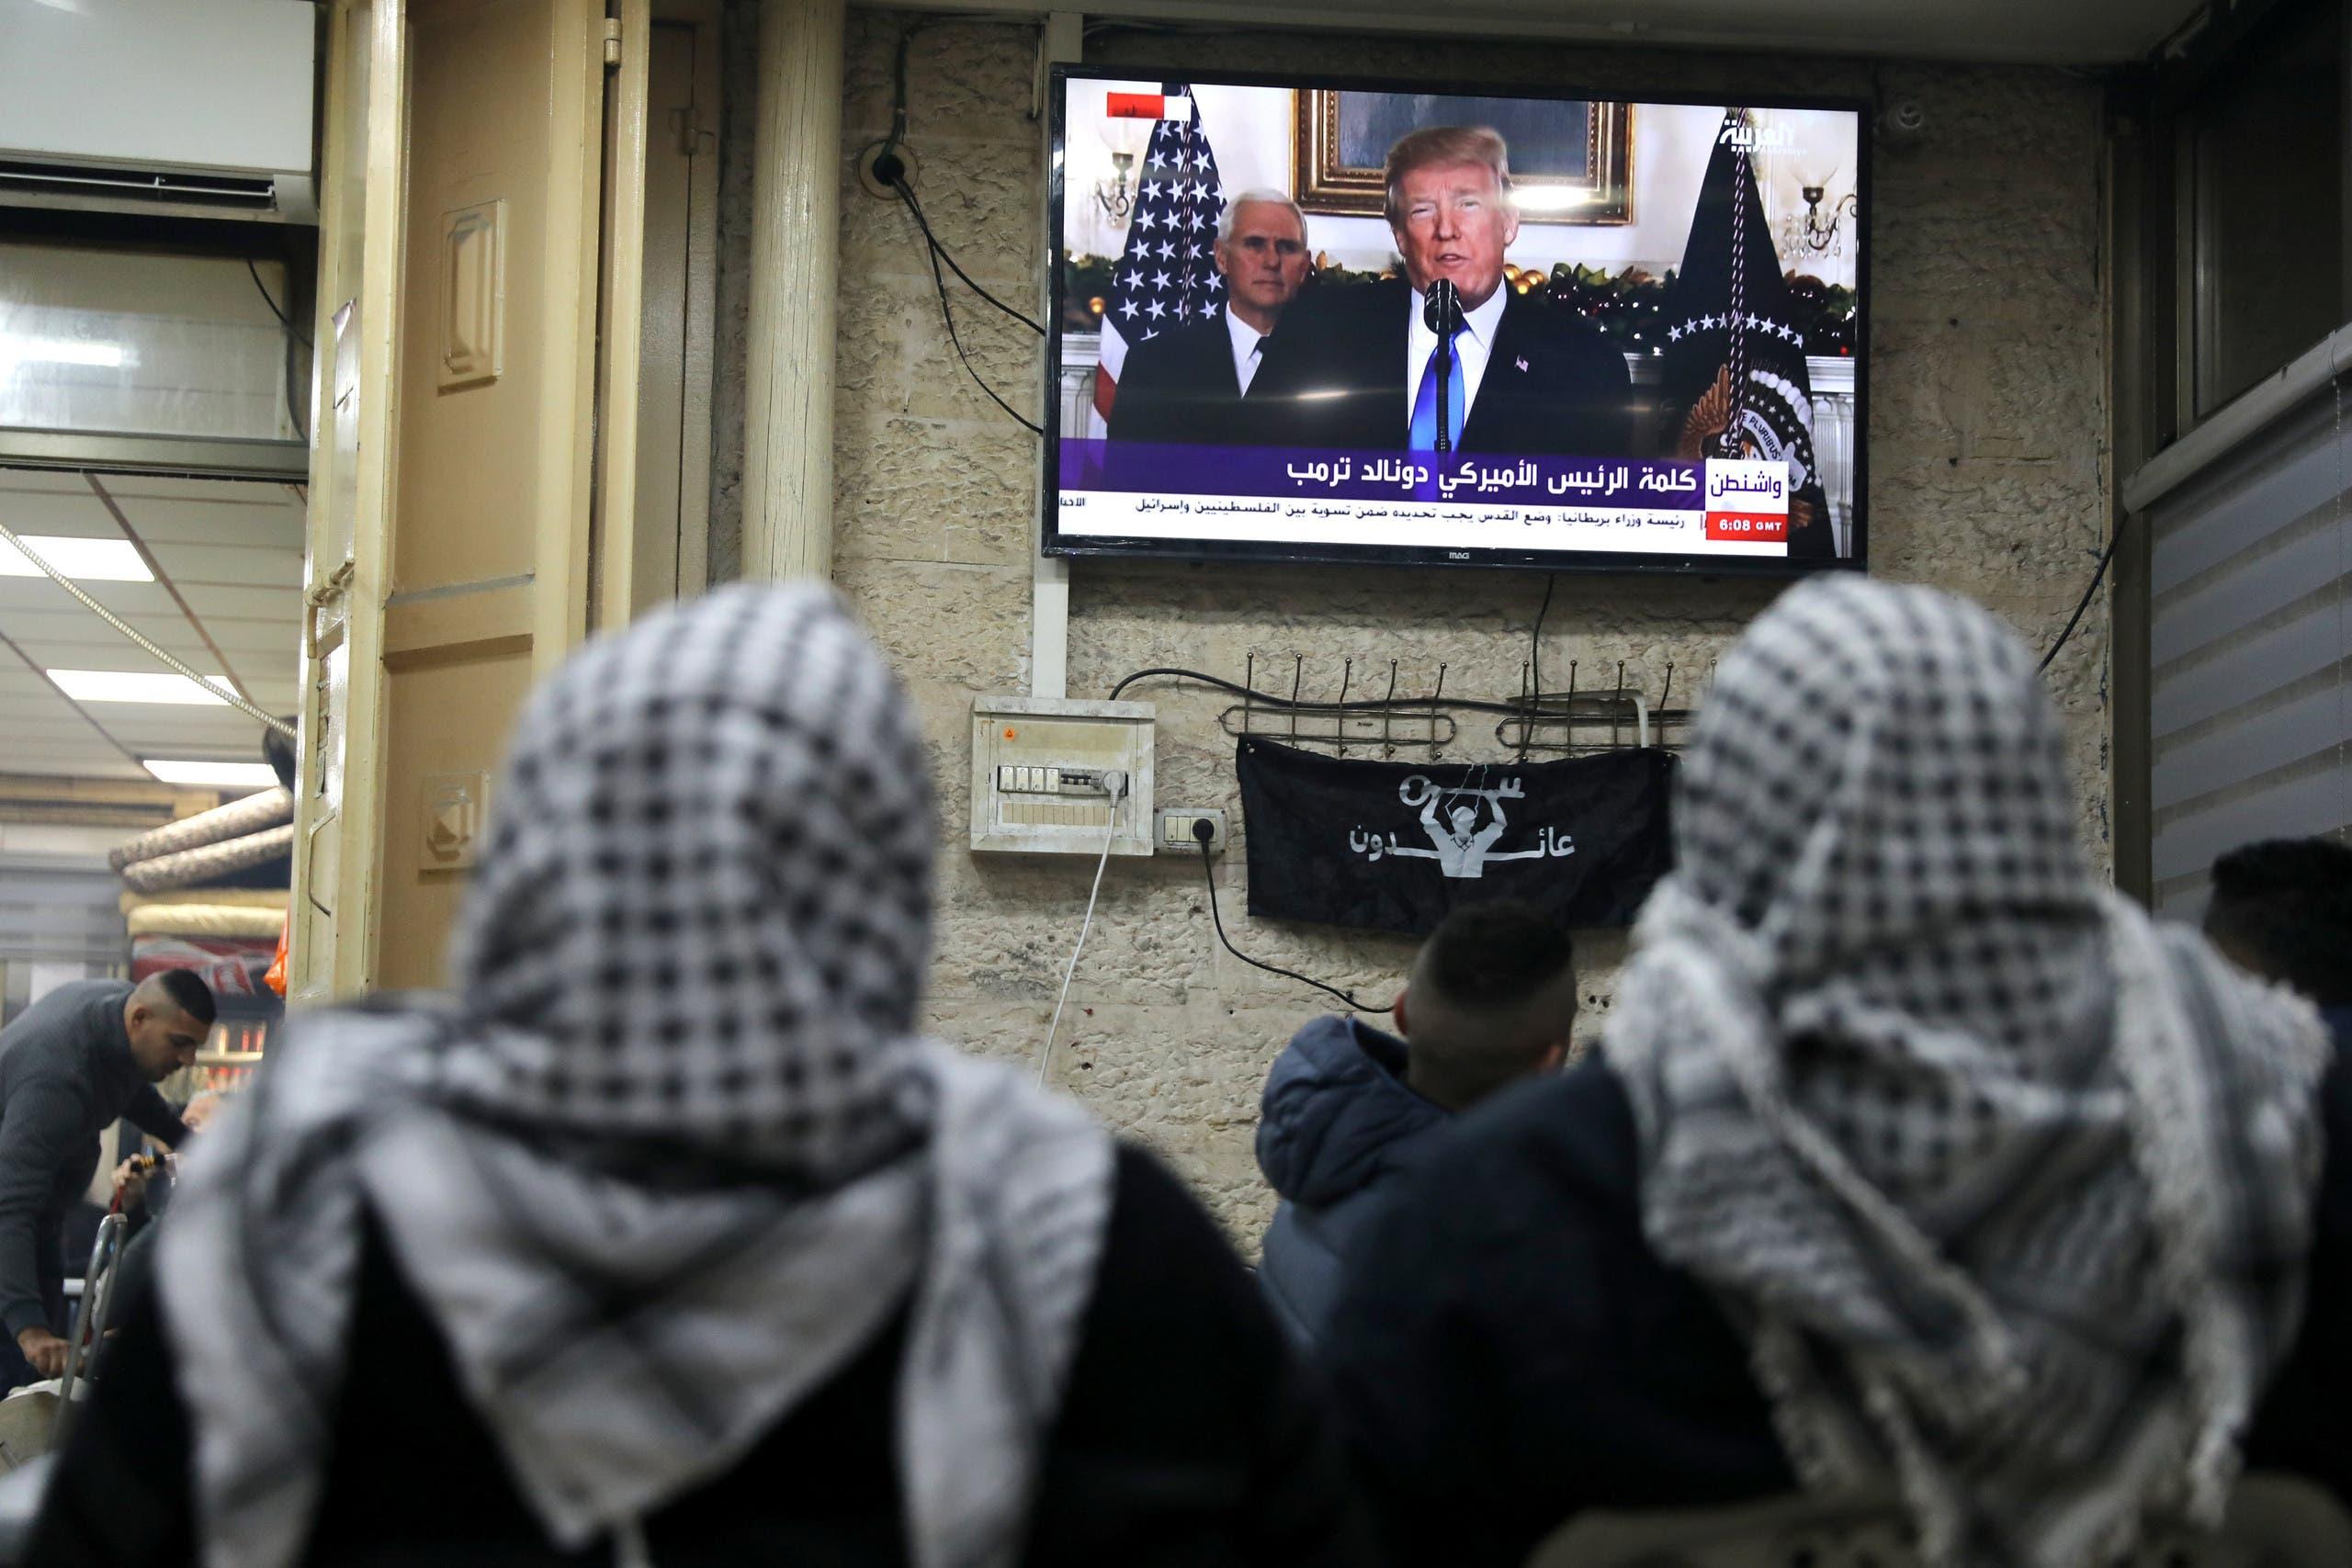 فلسطينوين يشاهدون كلمة ترمب على العربية